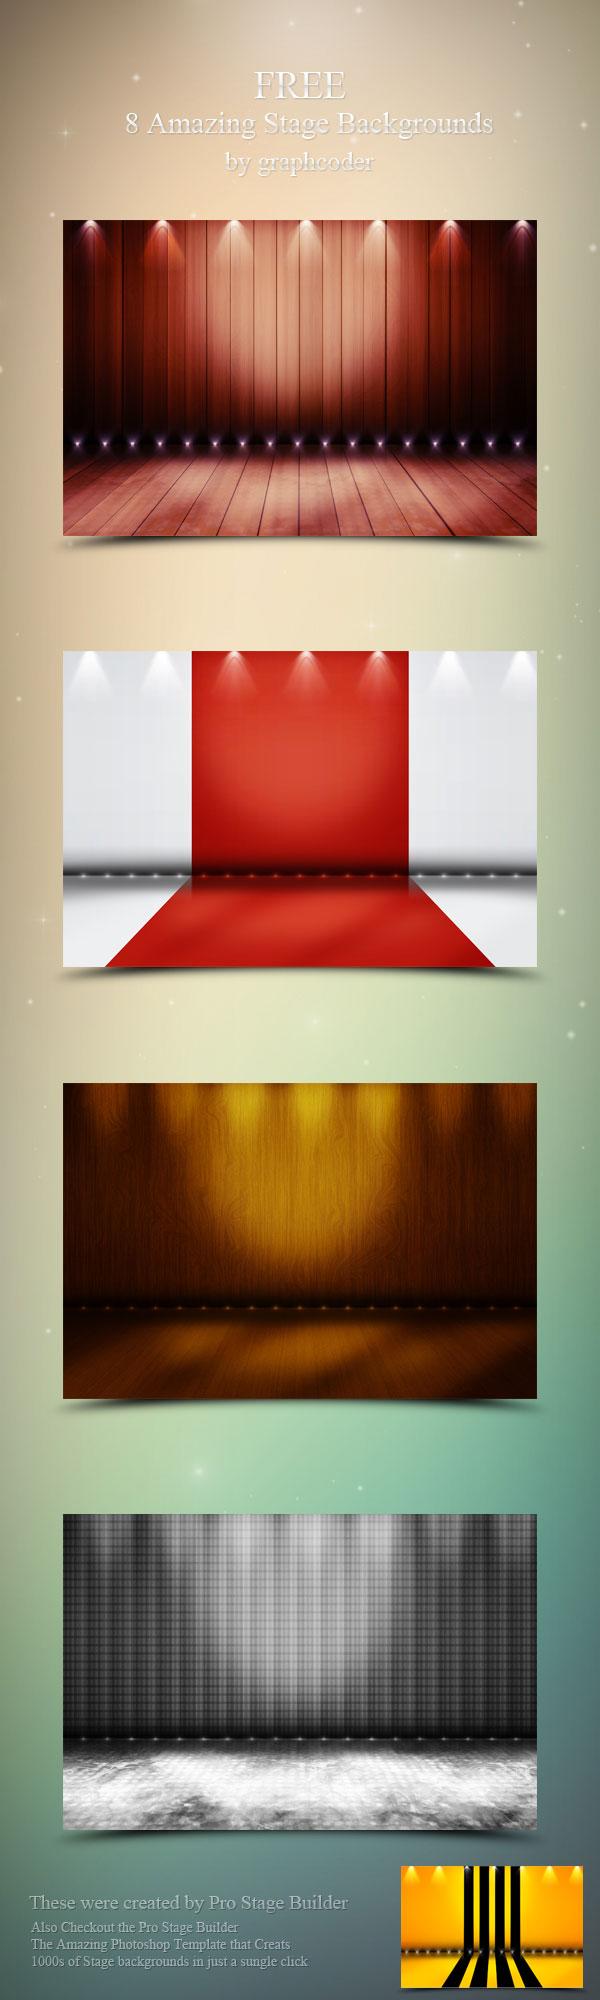 素材分类: 底纹边框所需点数: 0 点 关键词: 精美舞台背景高清图片